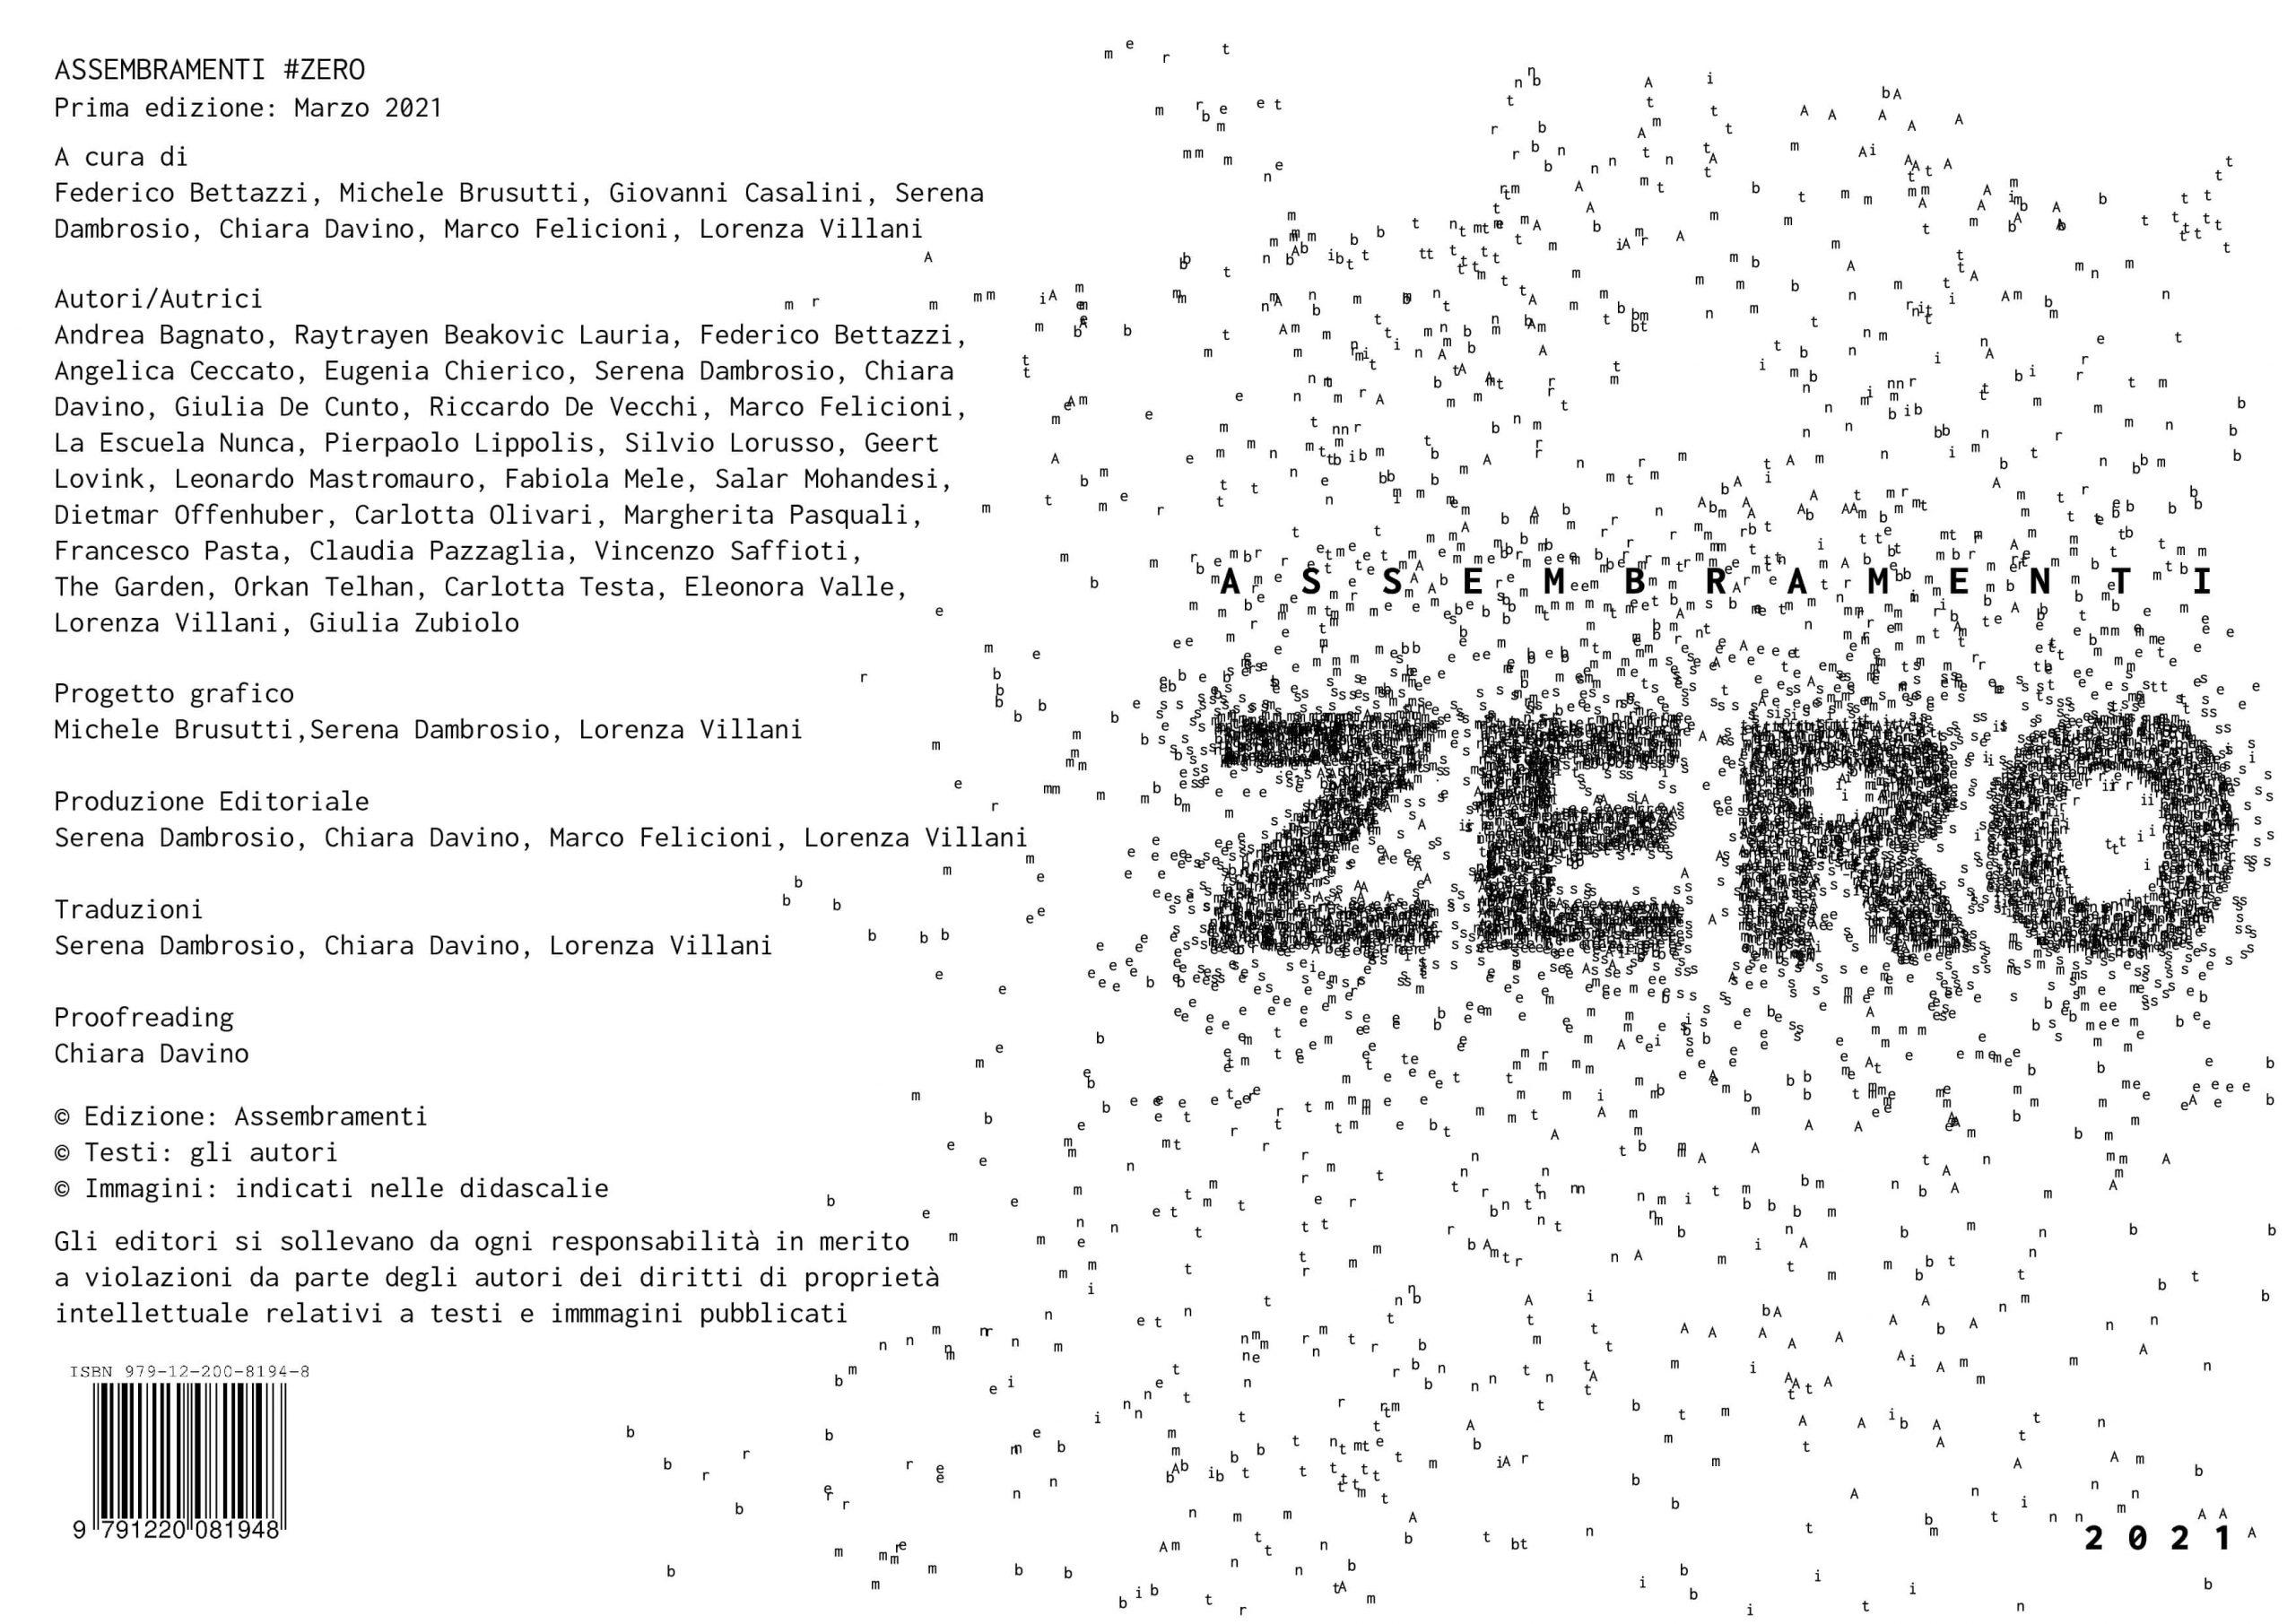 ZERO - Colophon